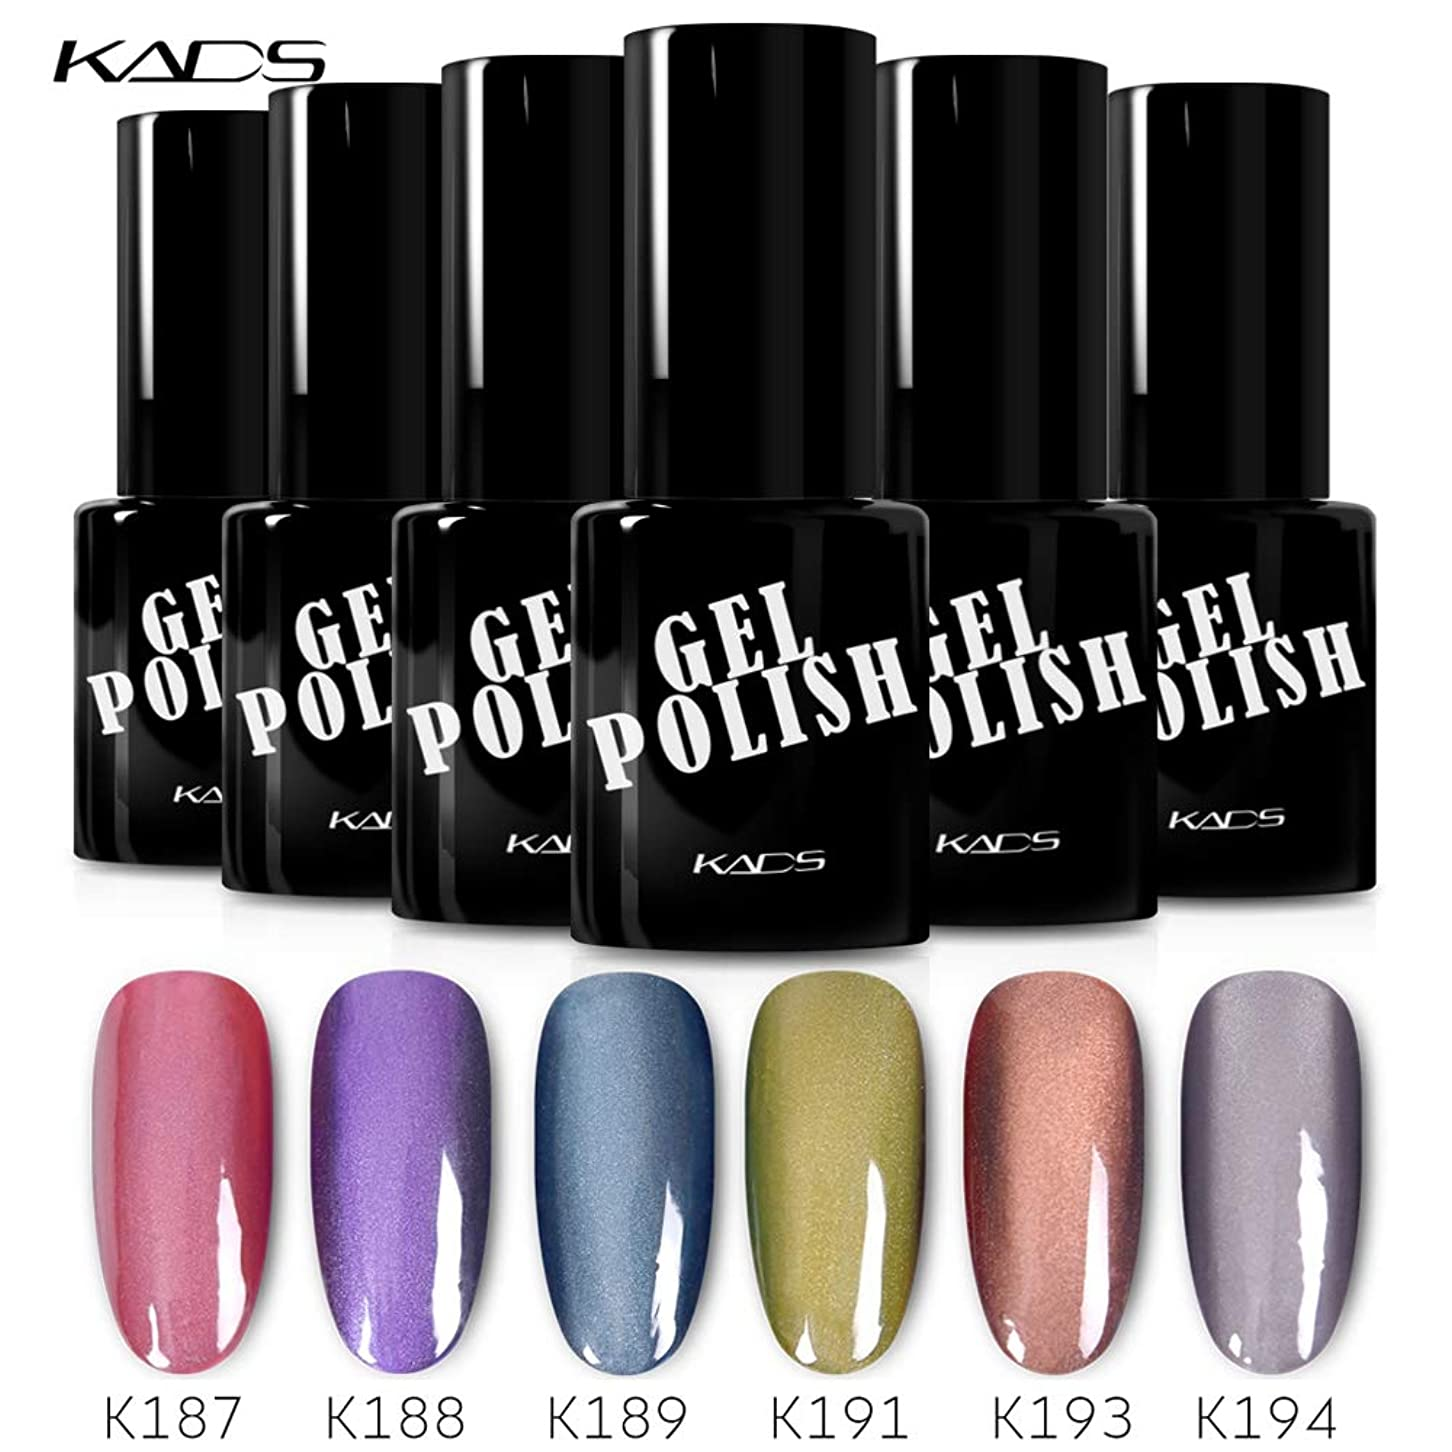 ヒープ人事刺しますKADS カラージェル 6色入り キャッツアイジェルネイル グリーン/ピンク/グレー カラーポリッシュ UV/LED対応 艶長持ち